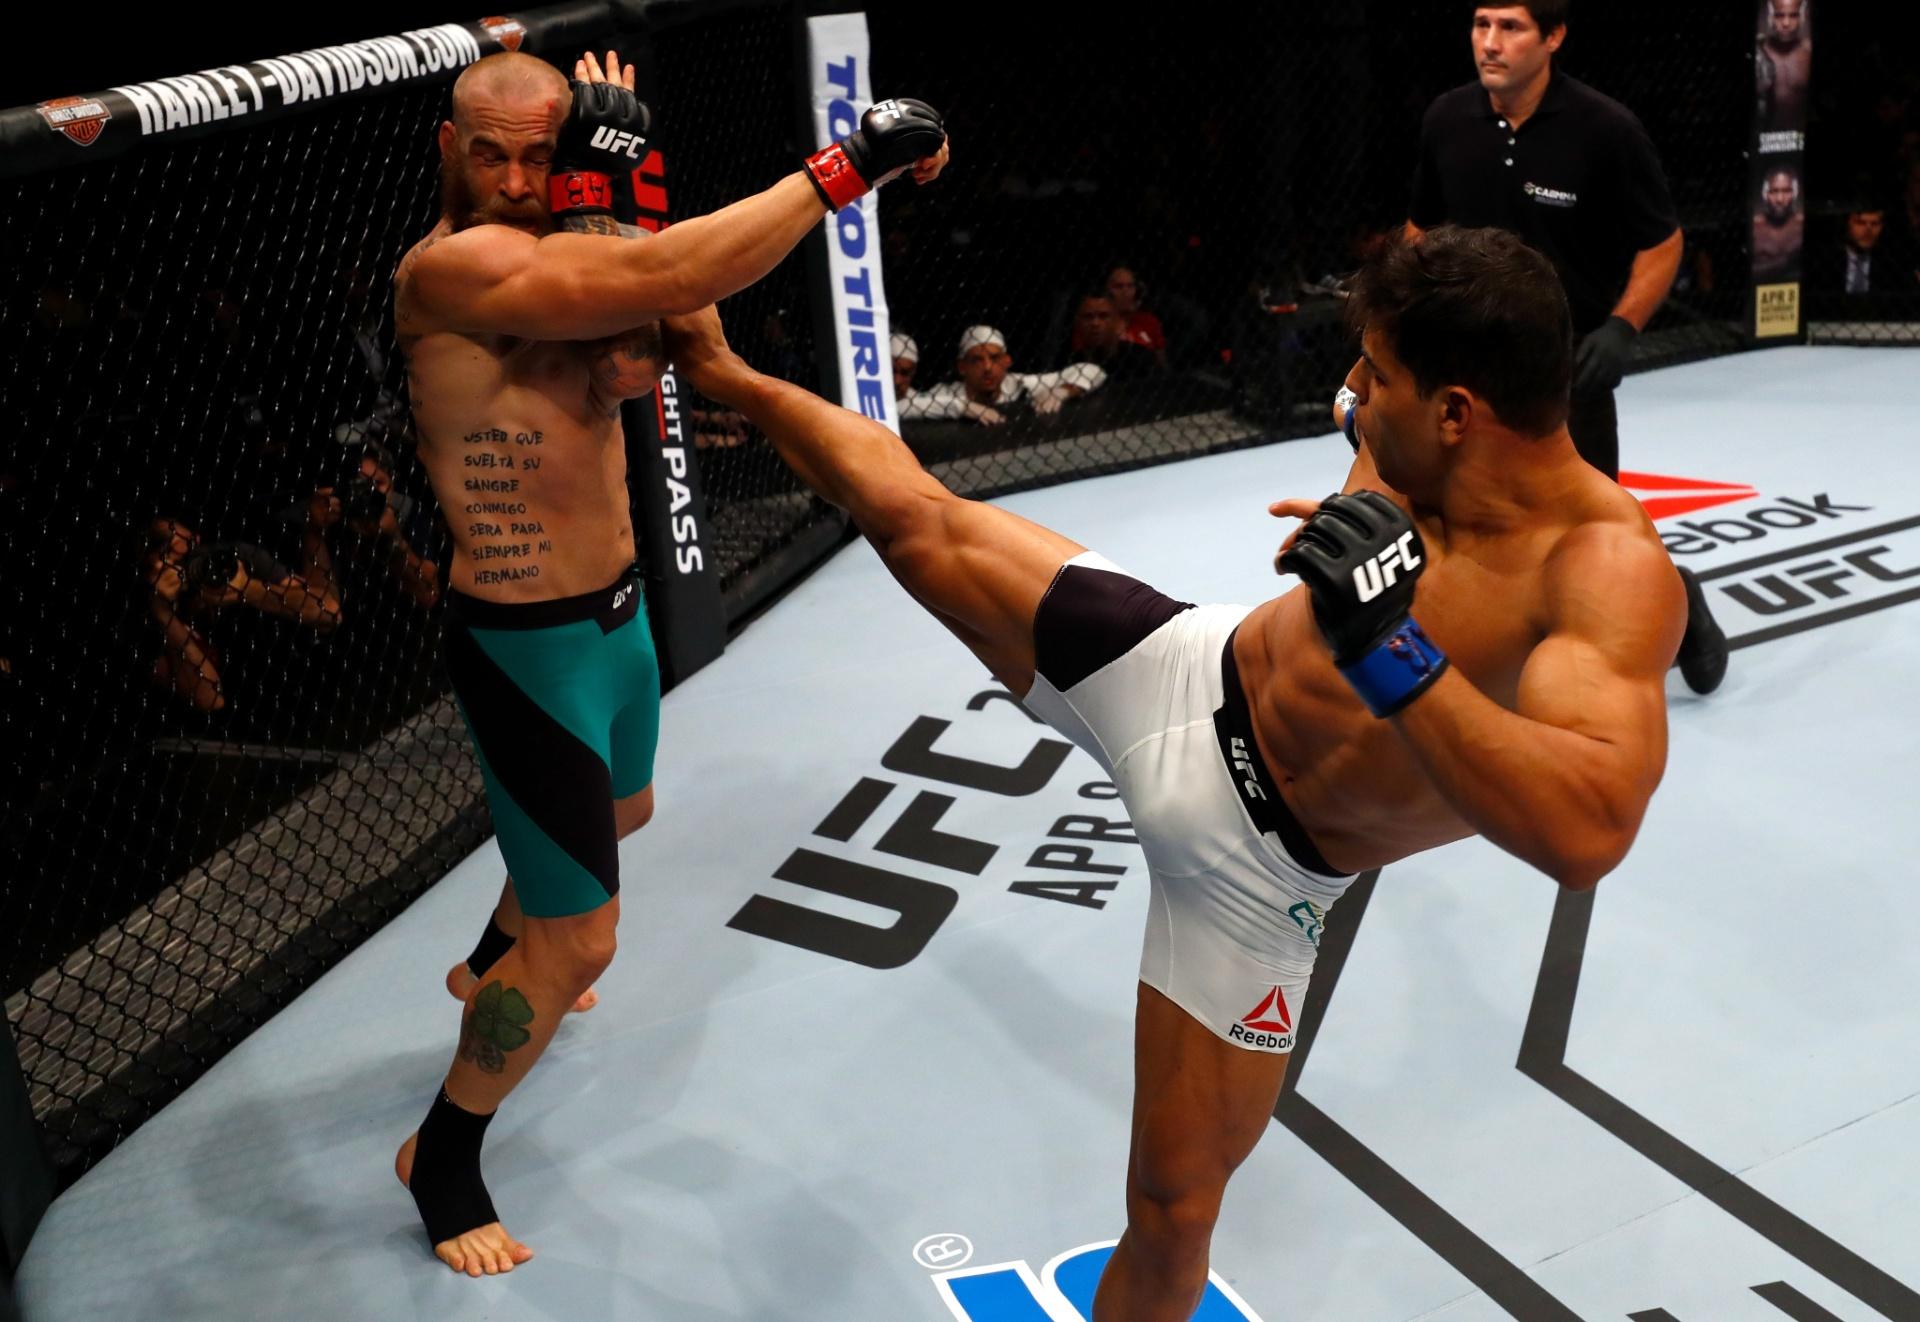 213b8b5e0 Borrachinha e McLellan se enfrentam no UFC Fortaleza